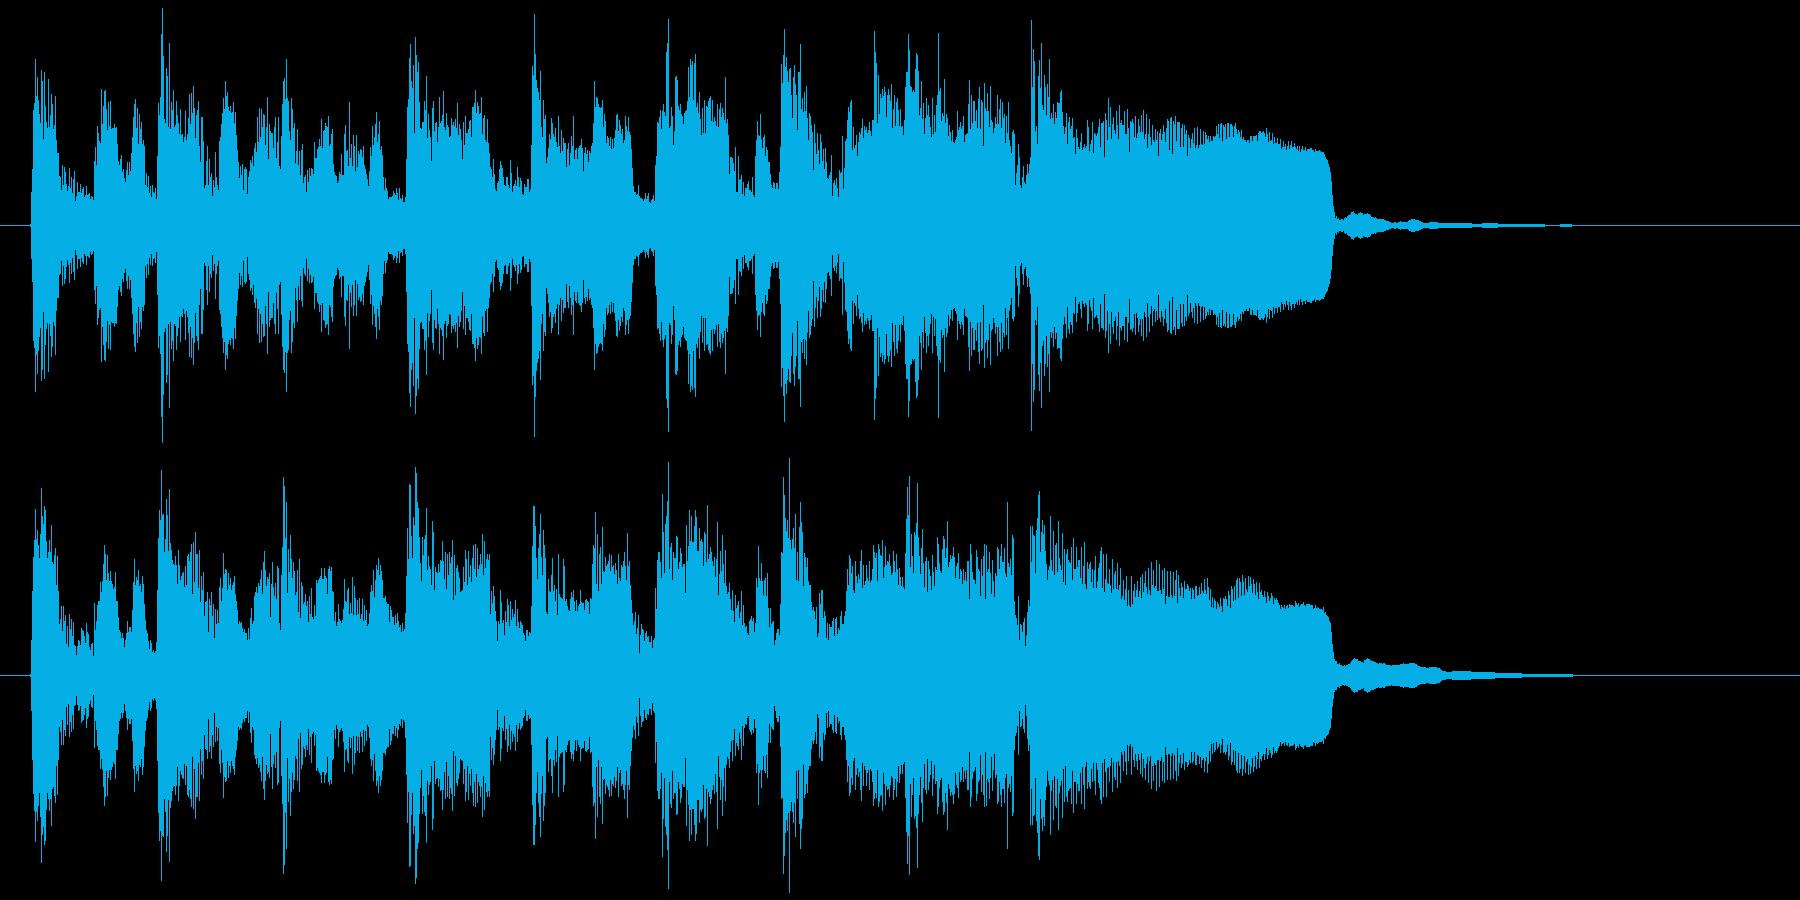 キッズ系アイキャッチ、ポップなリコーダーの再生済みの波形